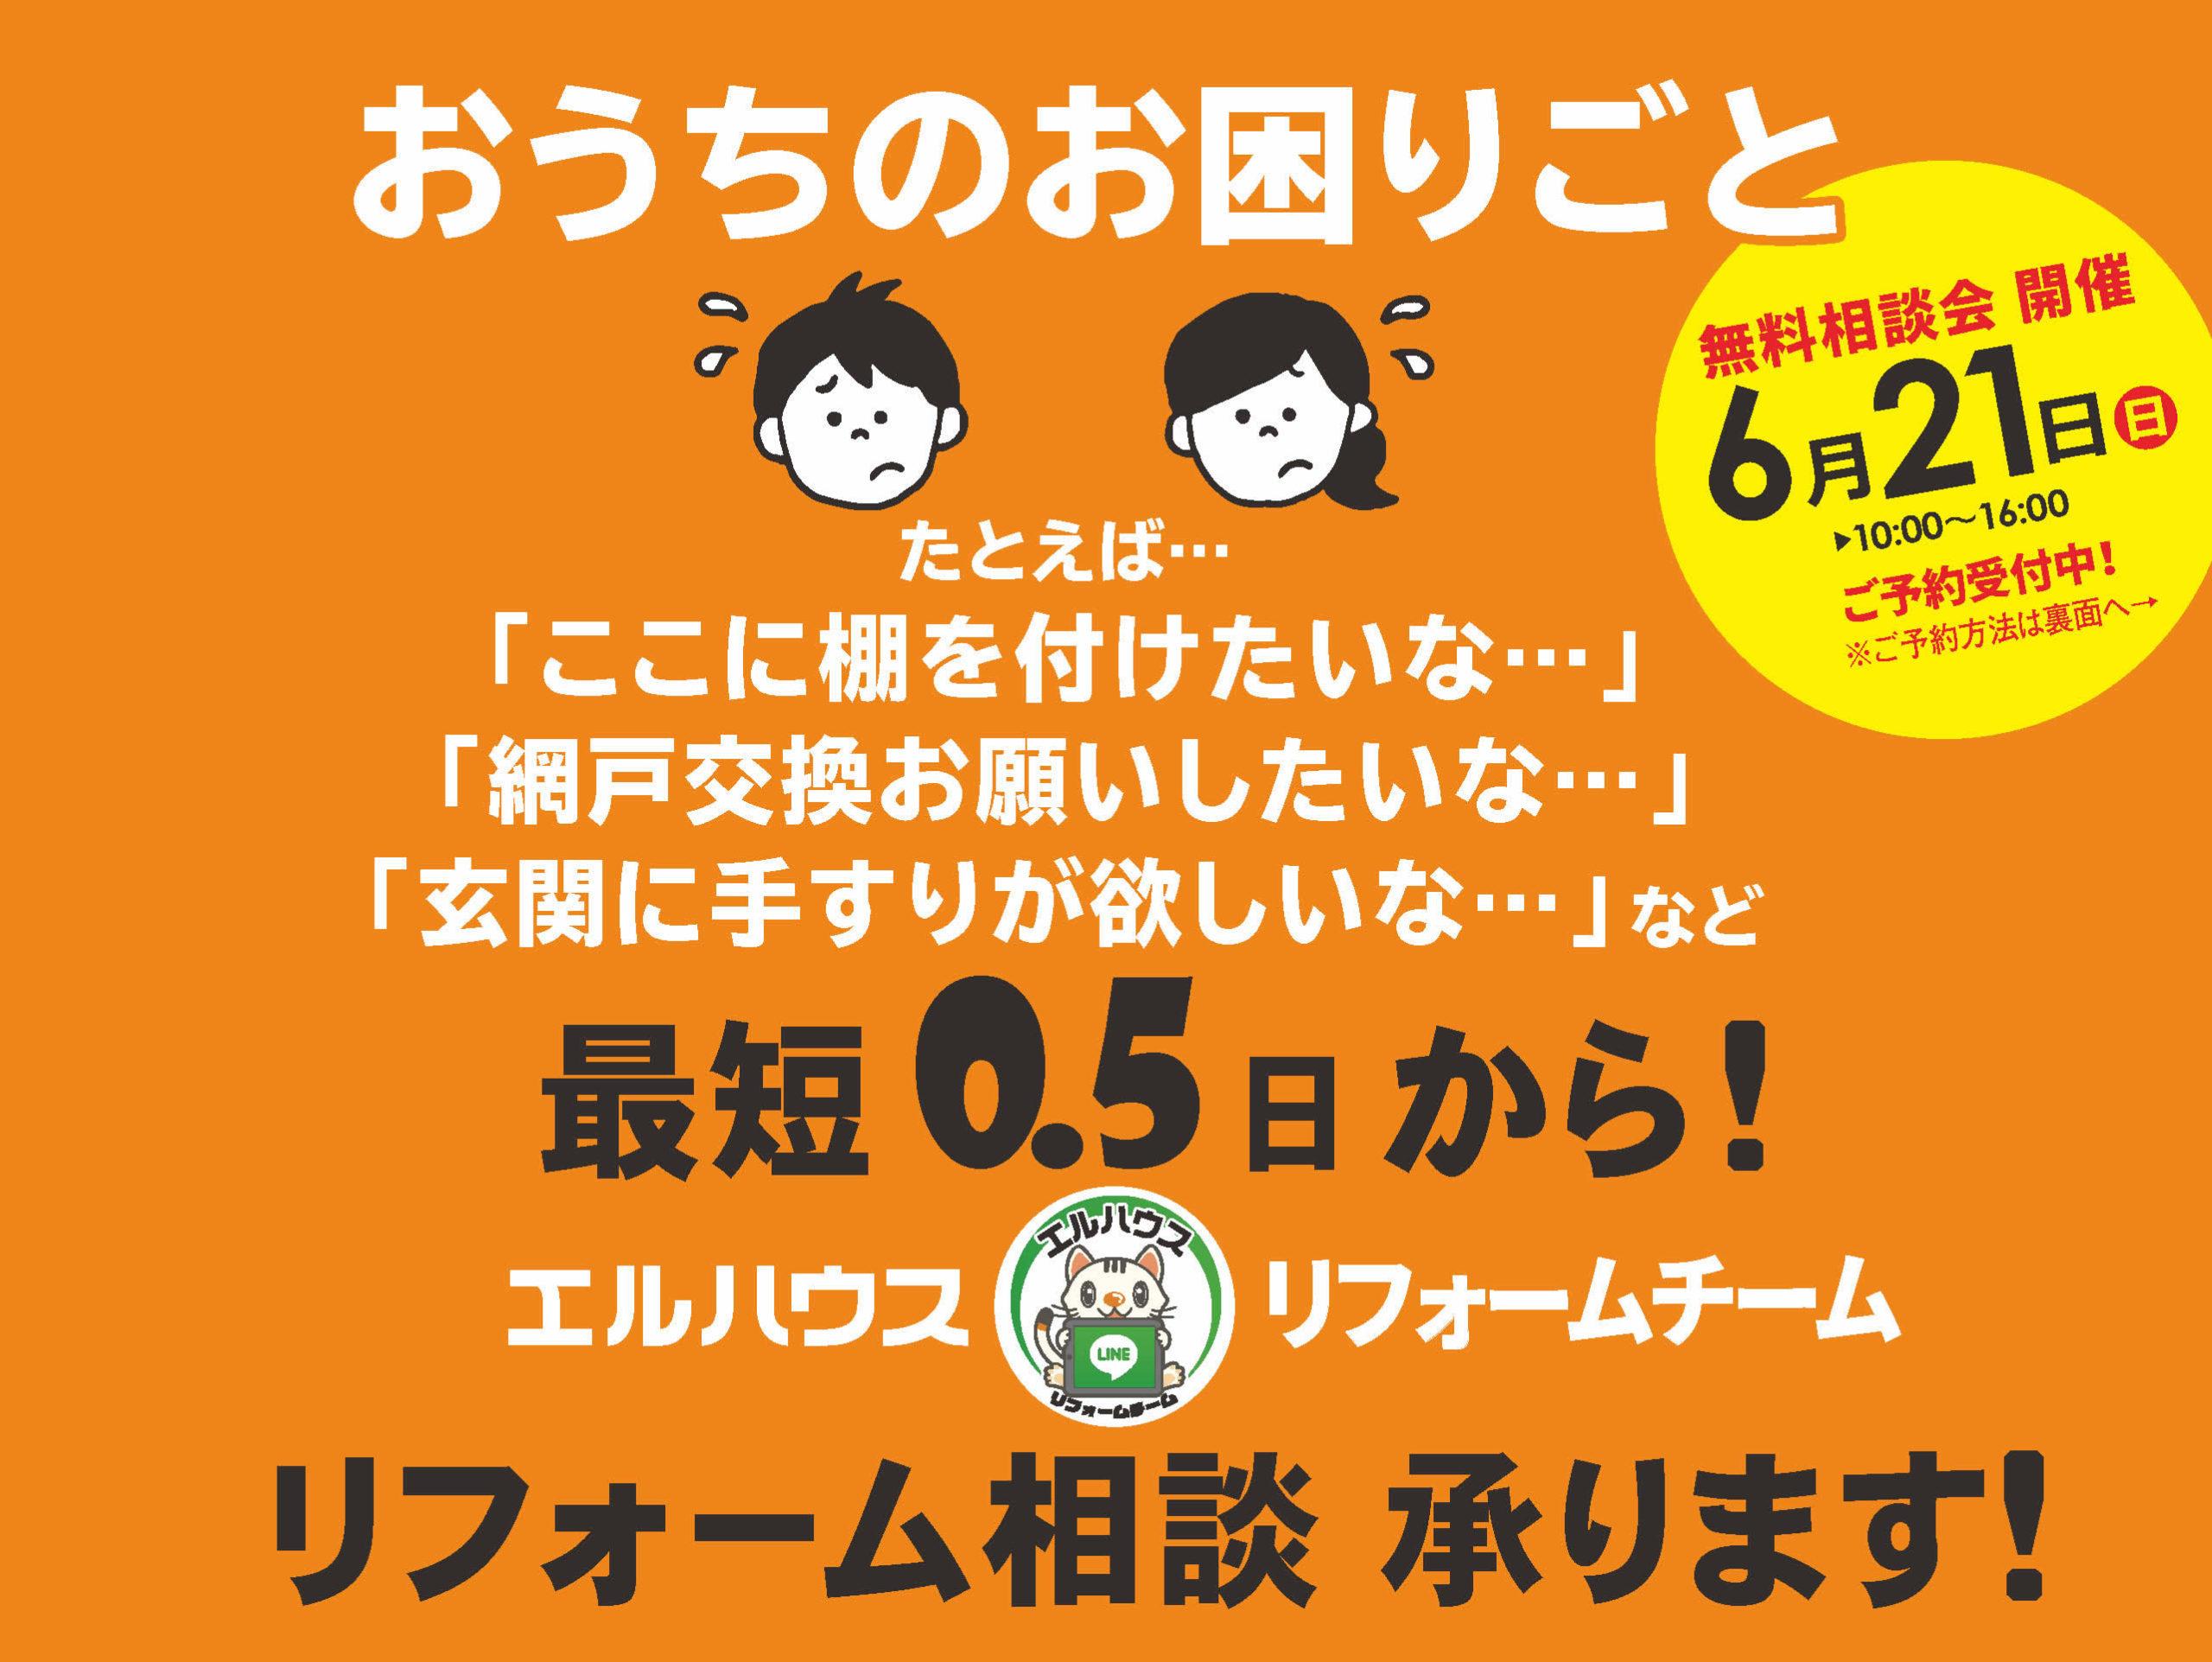 エルハウス松本支店リフォーム相談会